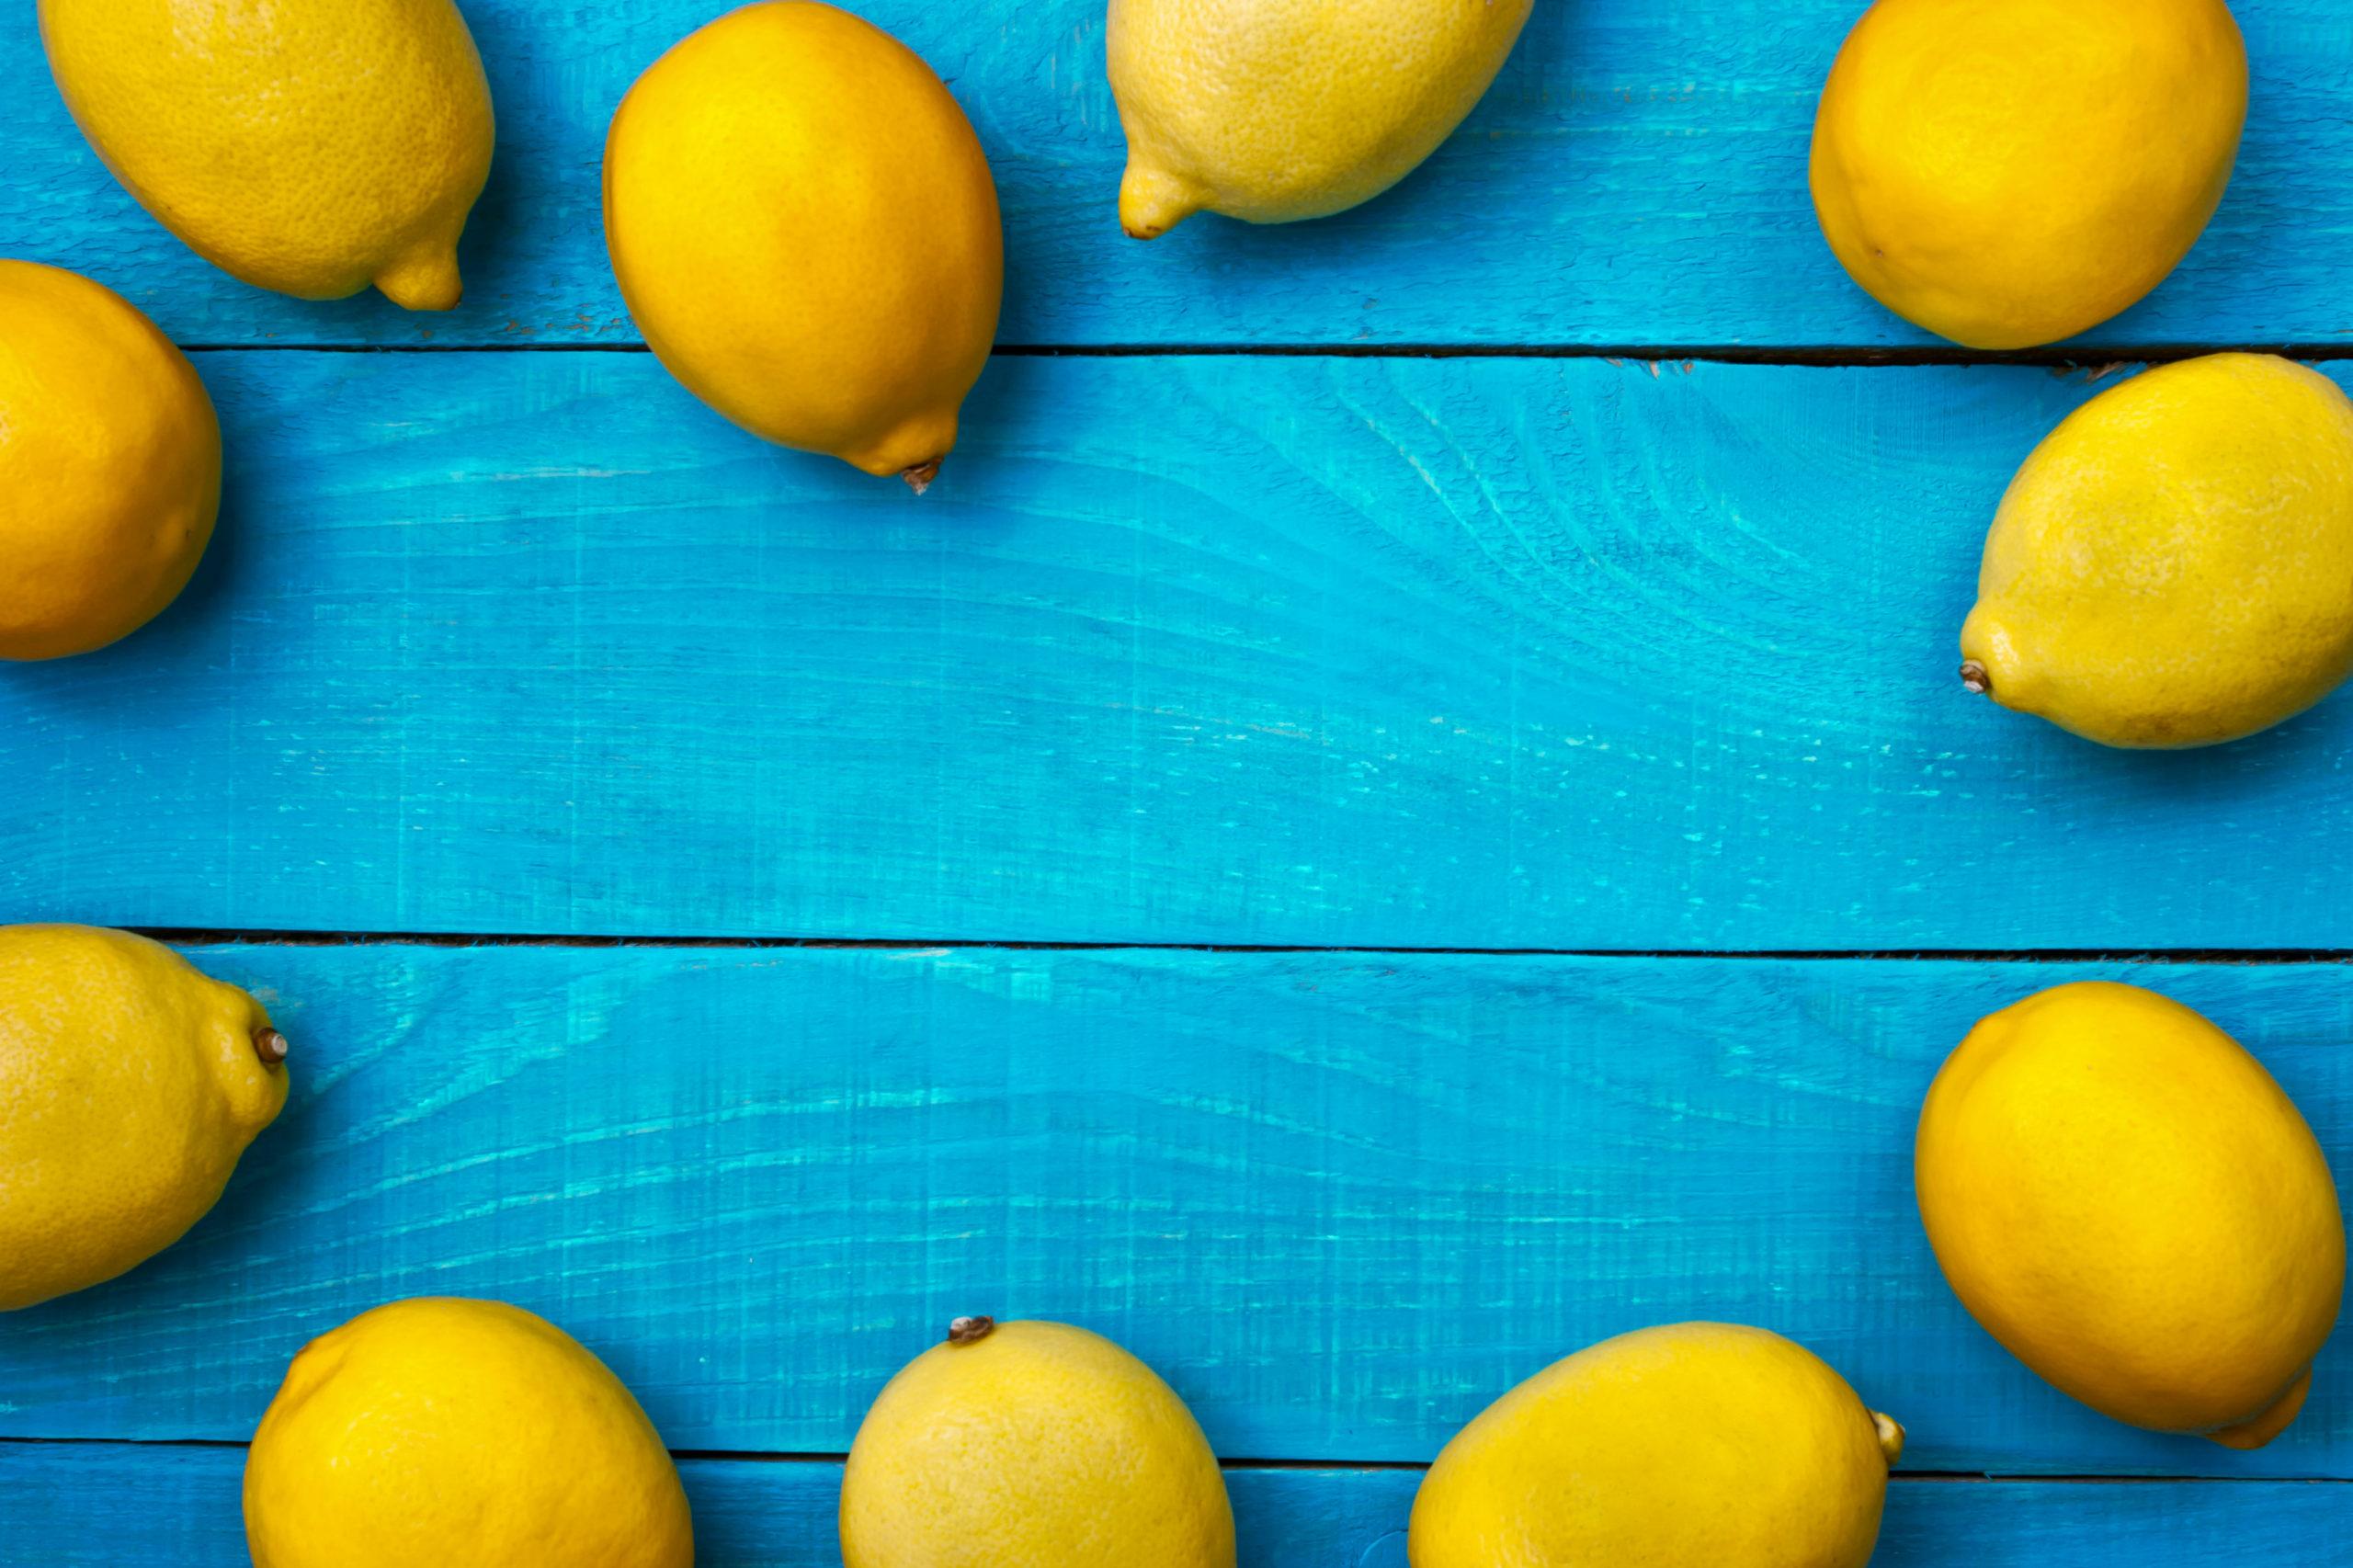 Zitronensäure hat viele Anwendungsmöglichkeiten